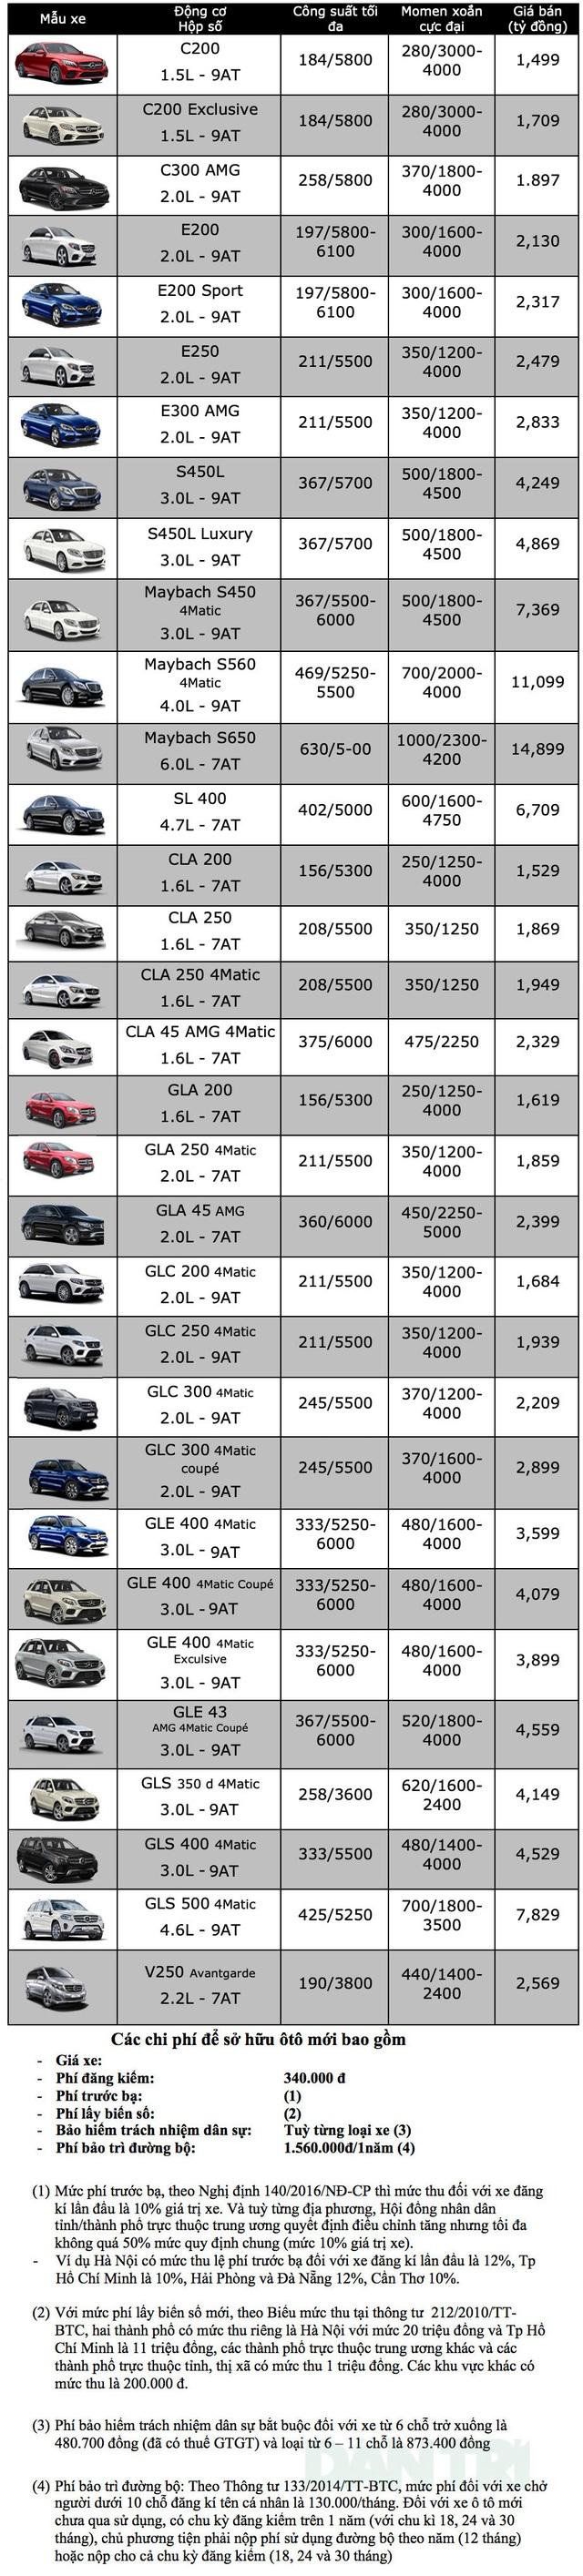 Bảng giá Mercedes-Benz cập nhật tháng 10/2019 - 1